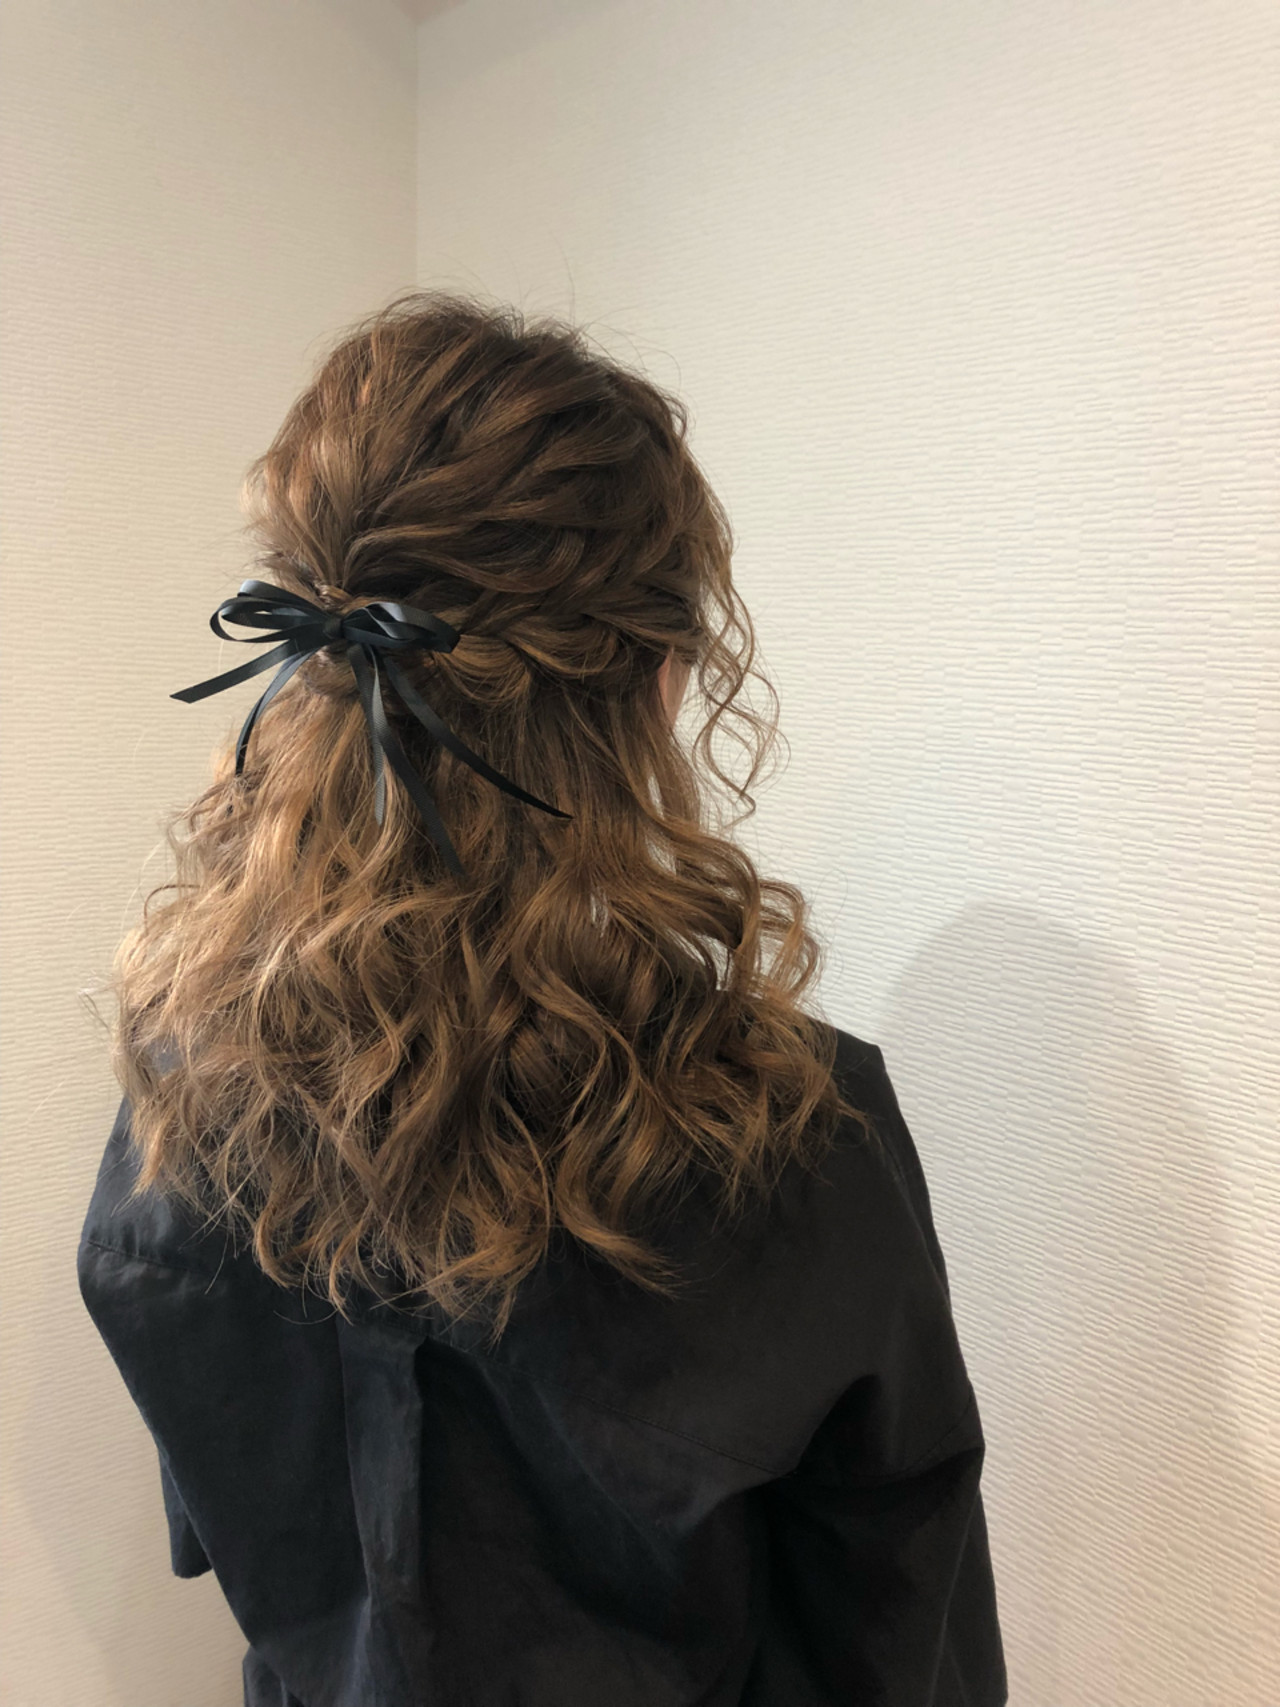 編み込み フェミニン ヘアアレンジ ミディアム ヘアスタイルや髪型の写真・画像 | mai / HAIR SALON STELLA